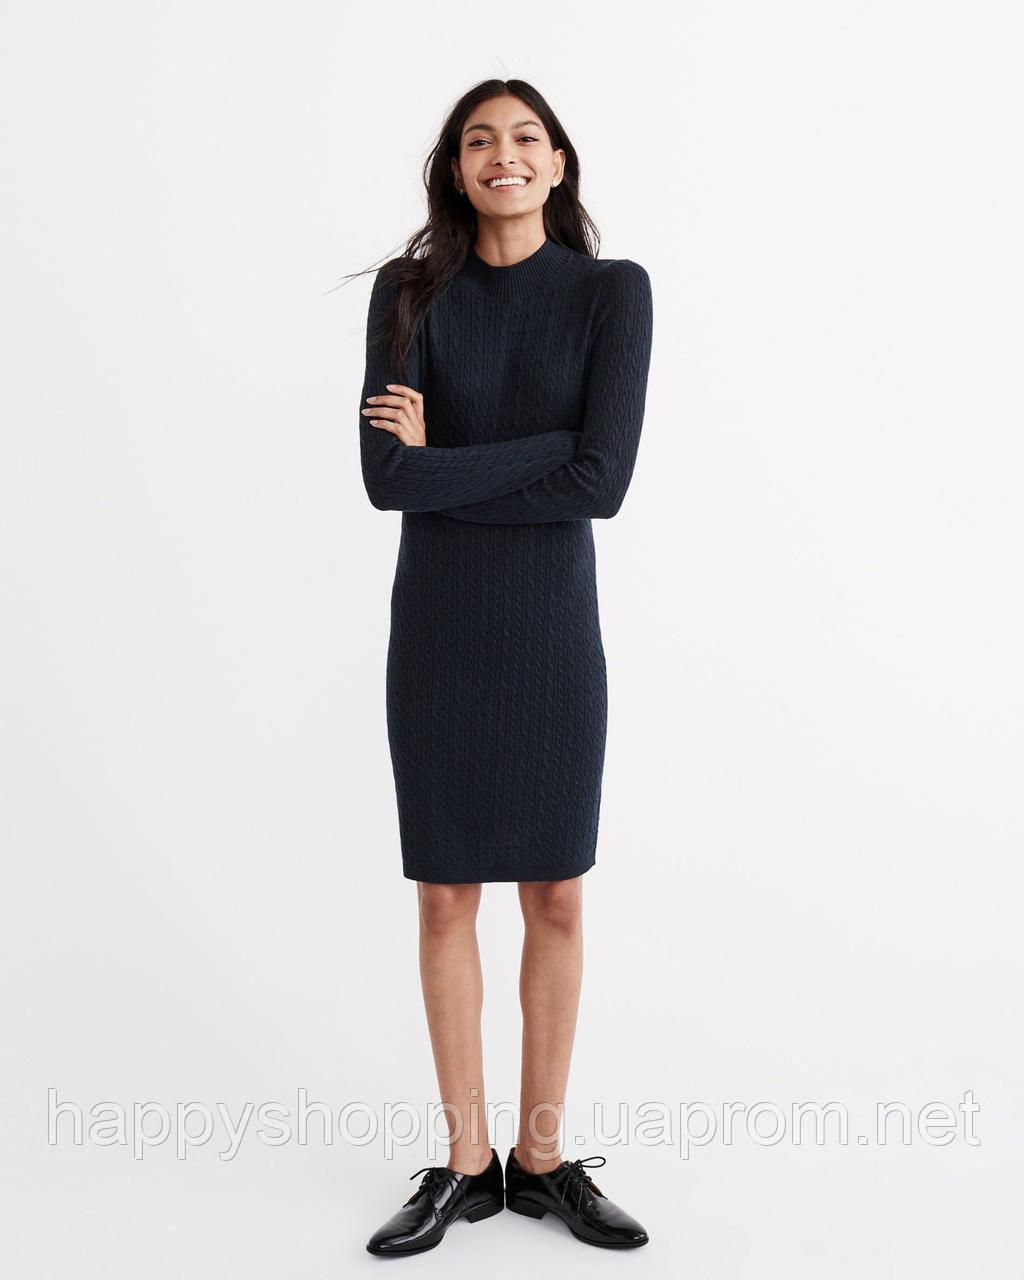 Темно-синее платье Abercrombie & Fitch